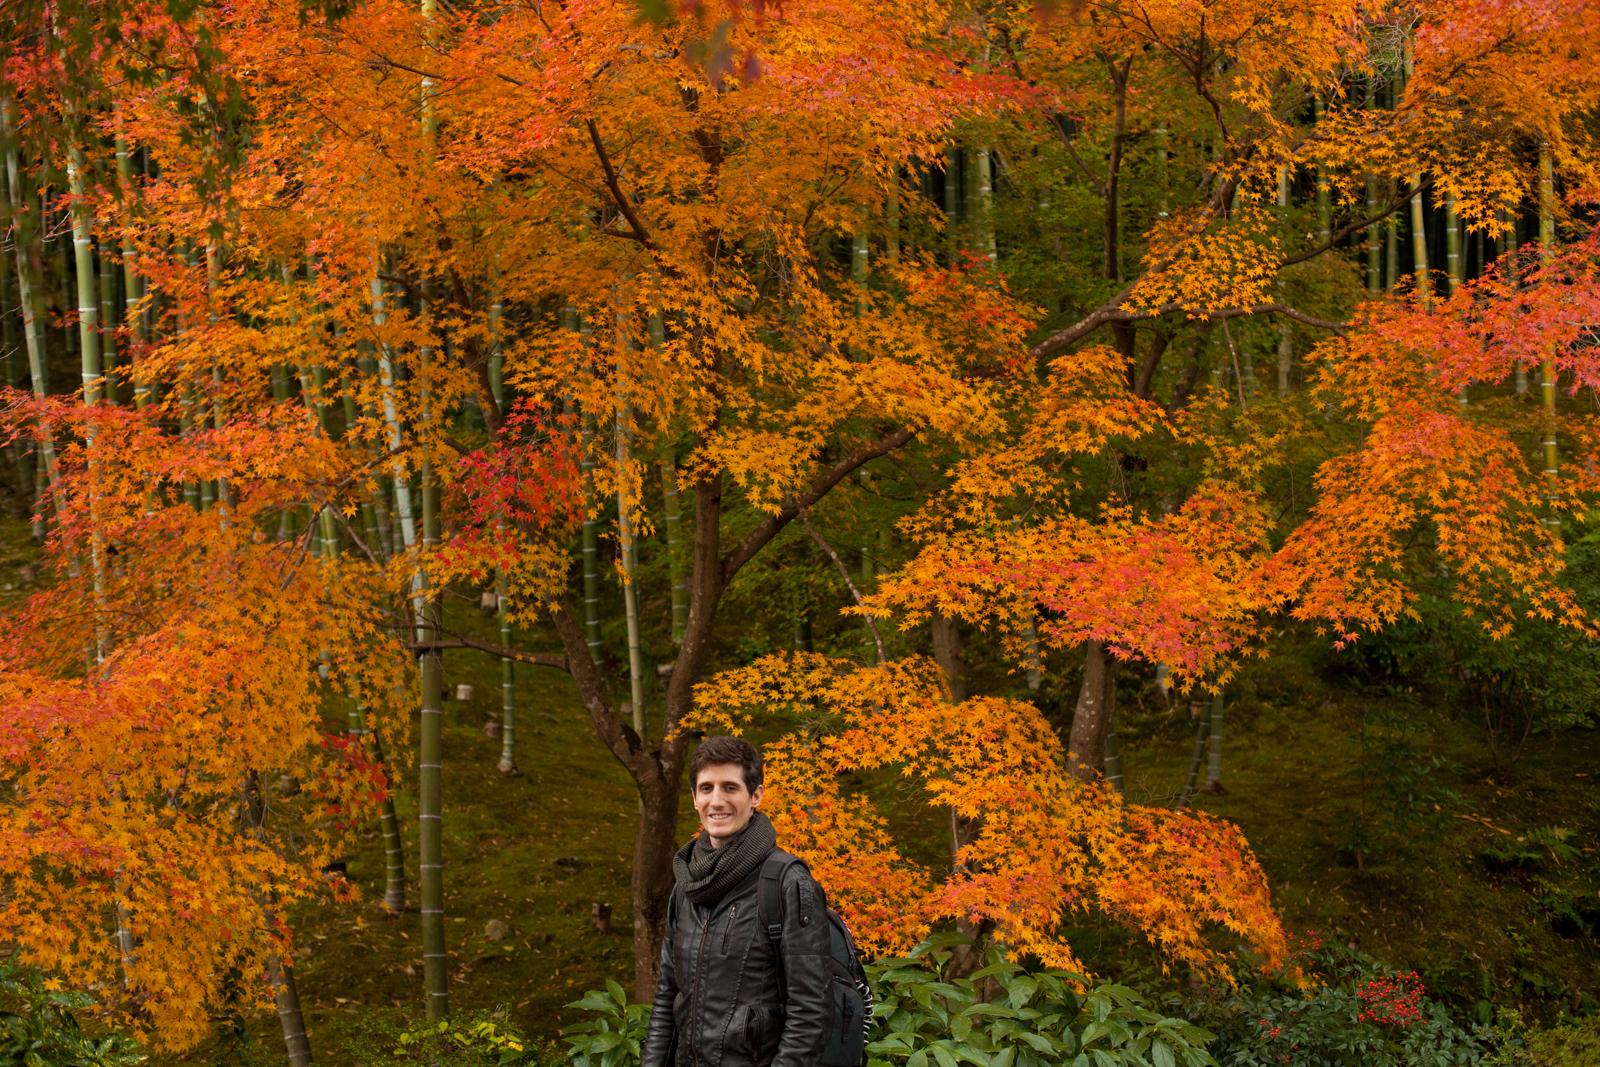 Kyoto, momiji kyoto, voyage kyoto, séjour kyoto, kyoto automne, kyoto fall, kyoto autumn, kyoto érables, tenryu temple, tenryu-ji, tenryuji